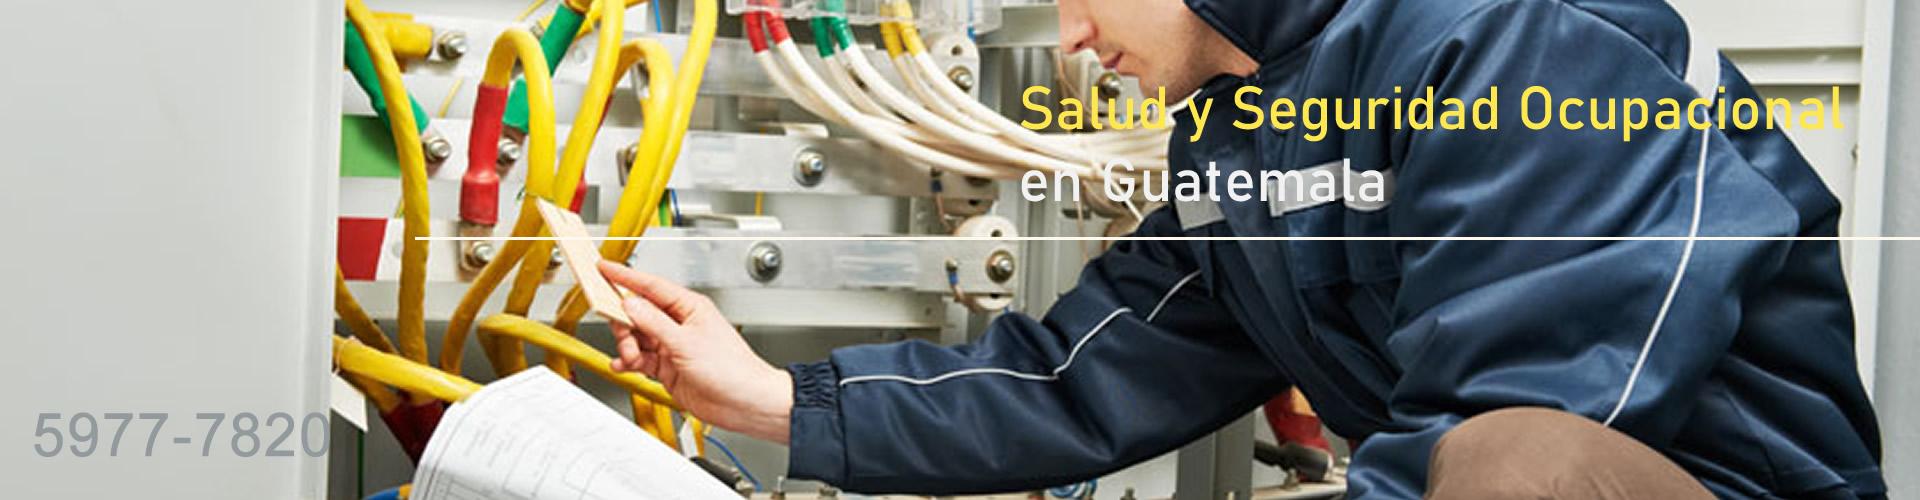 Salud y Seguridad Ocupacional en Guatemala Electricidad